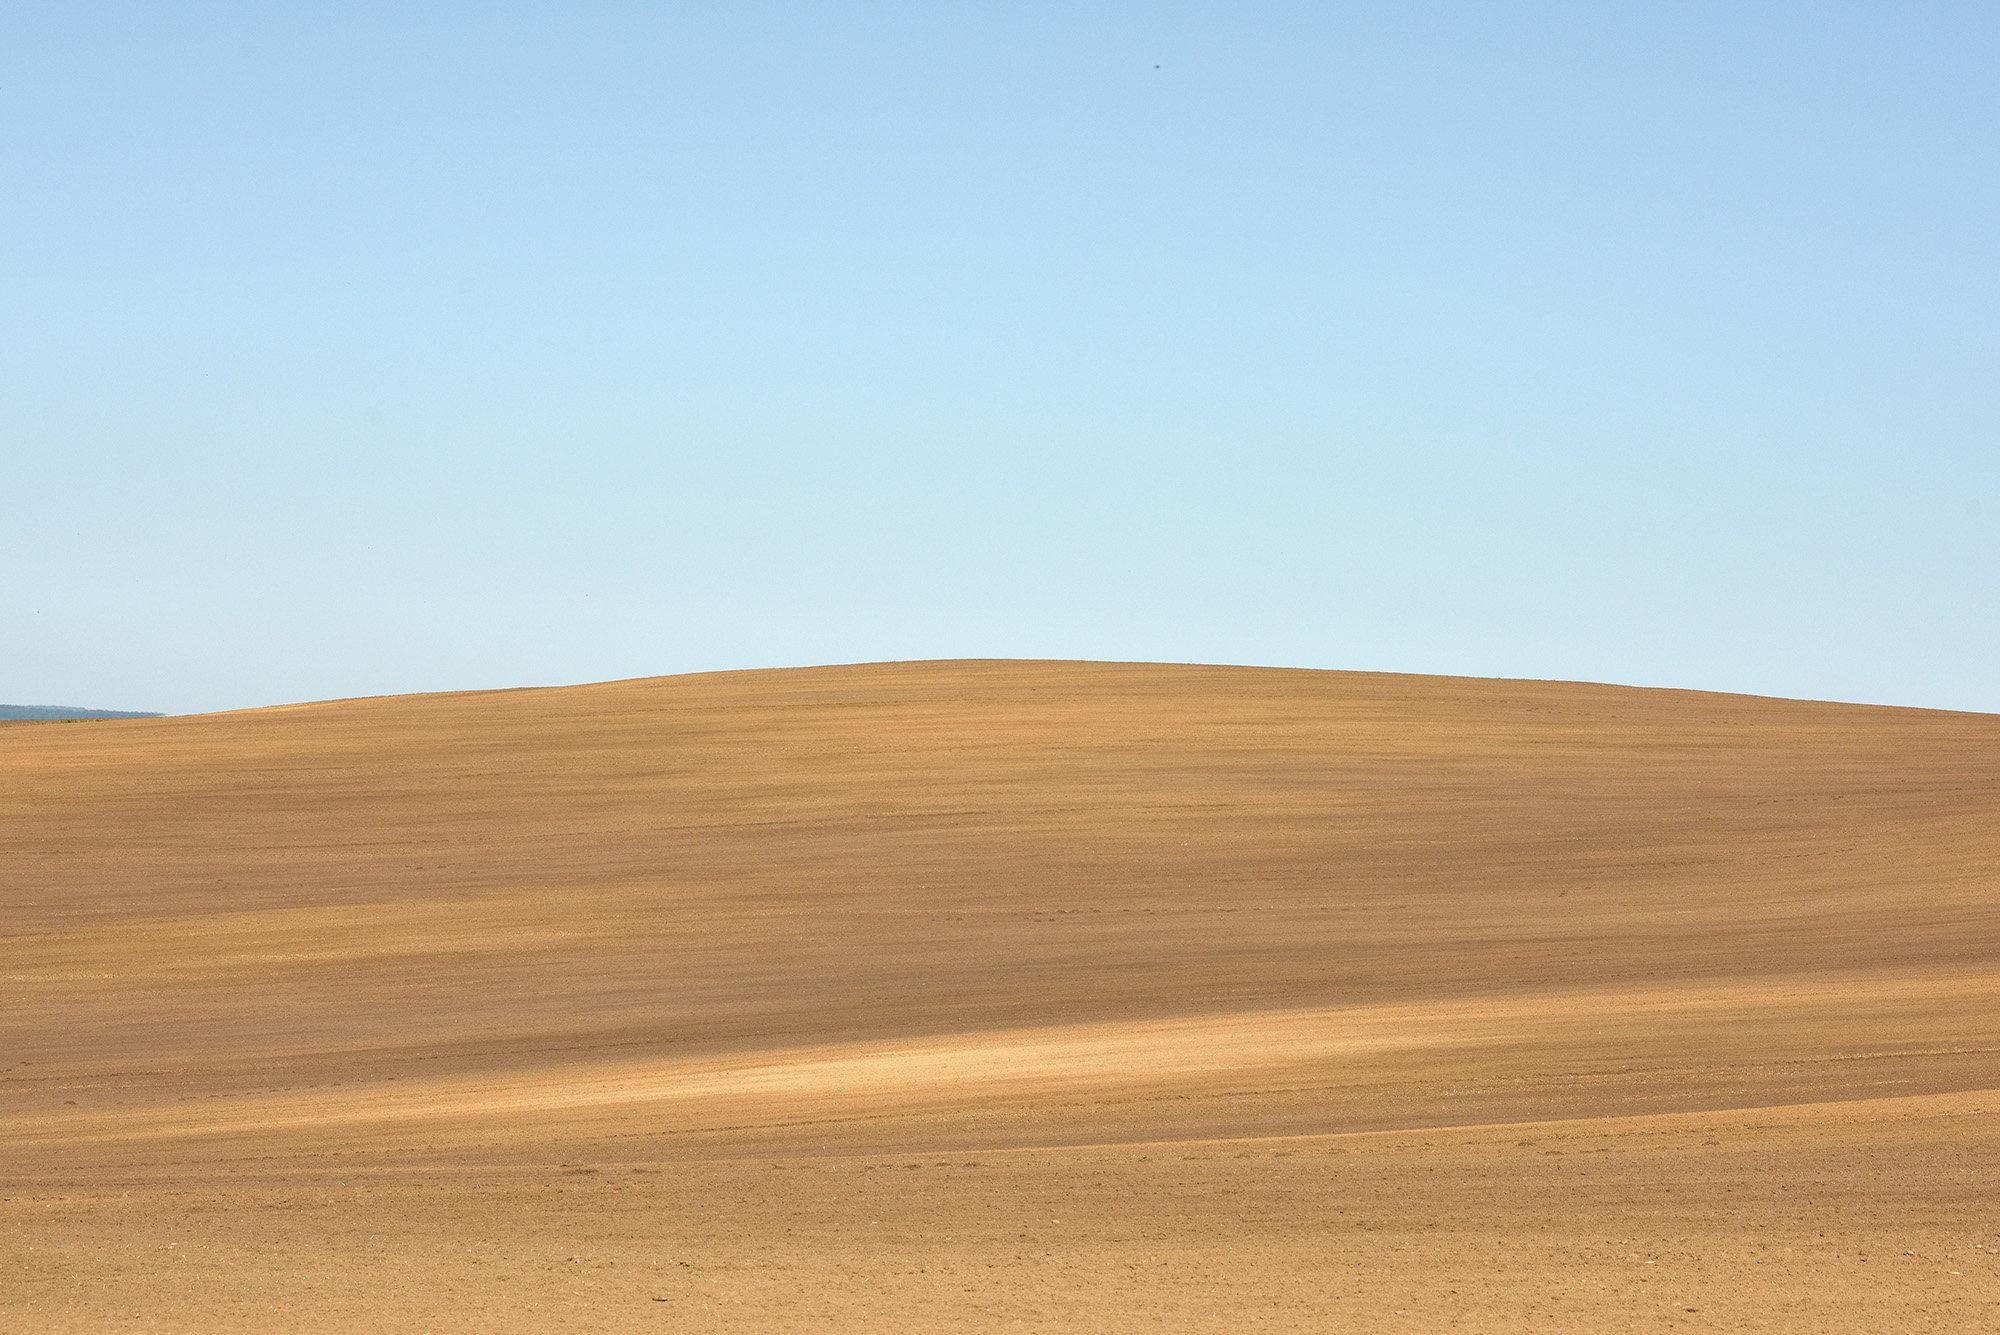 Terra Galicia_(Yurko Dyachyshyn)_34.jpg